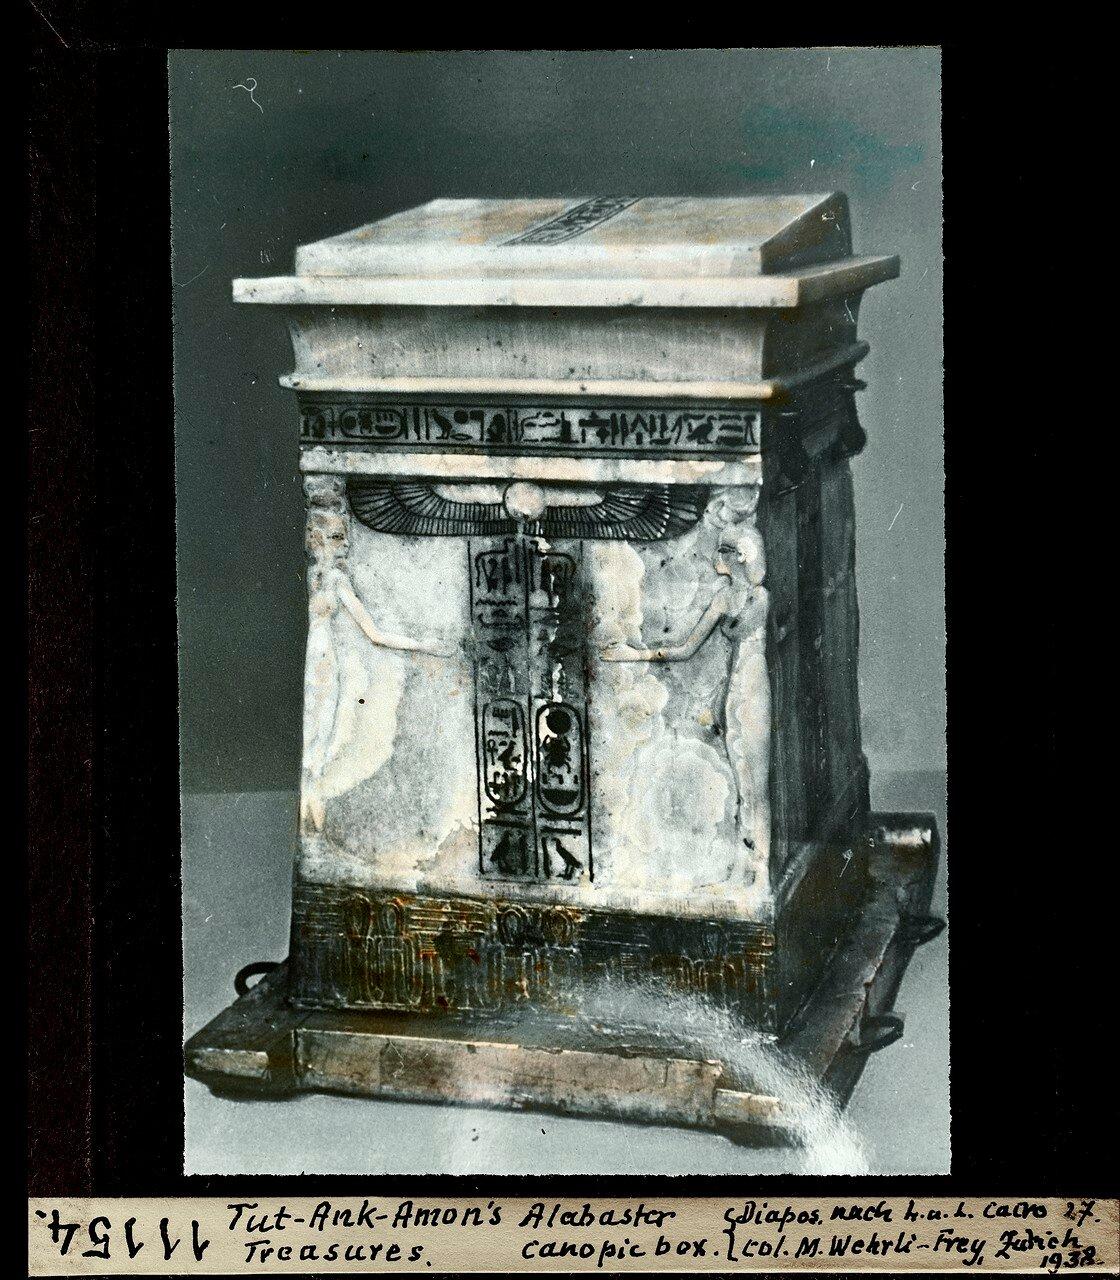 Сделанный из алебастра ящик для каноп